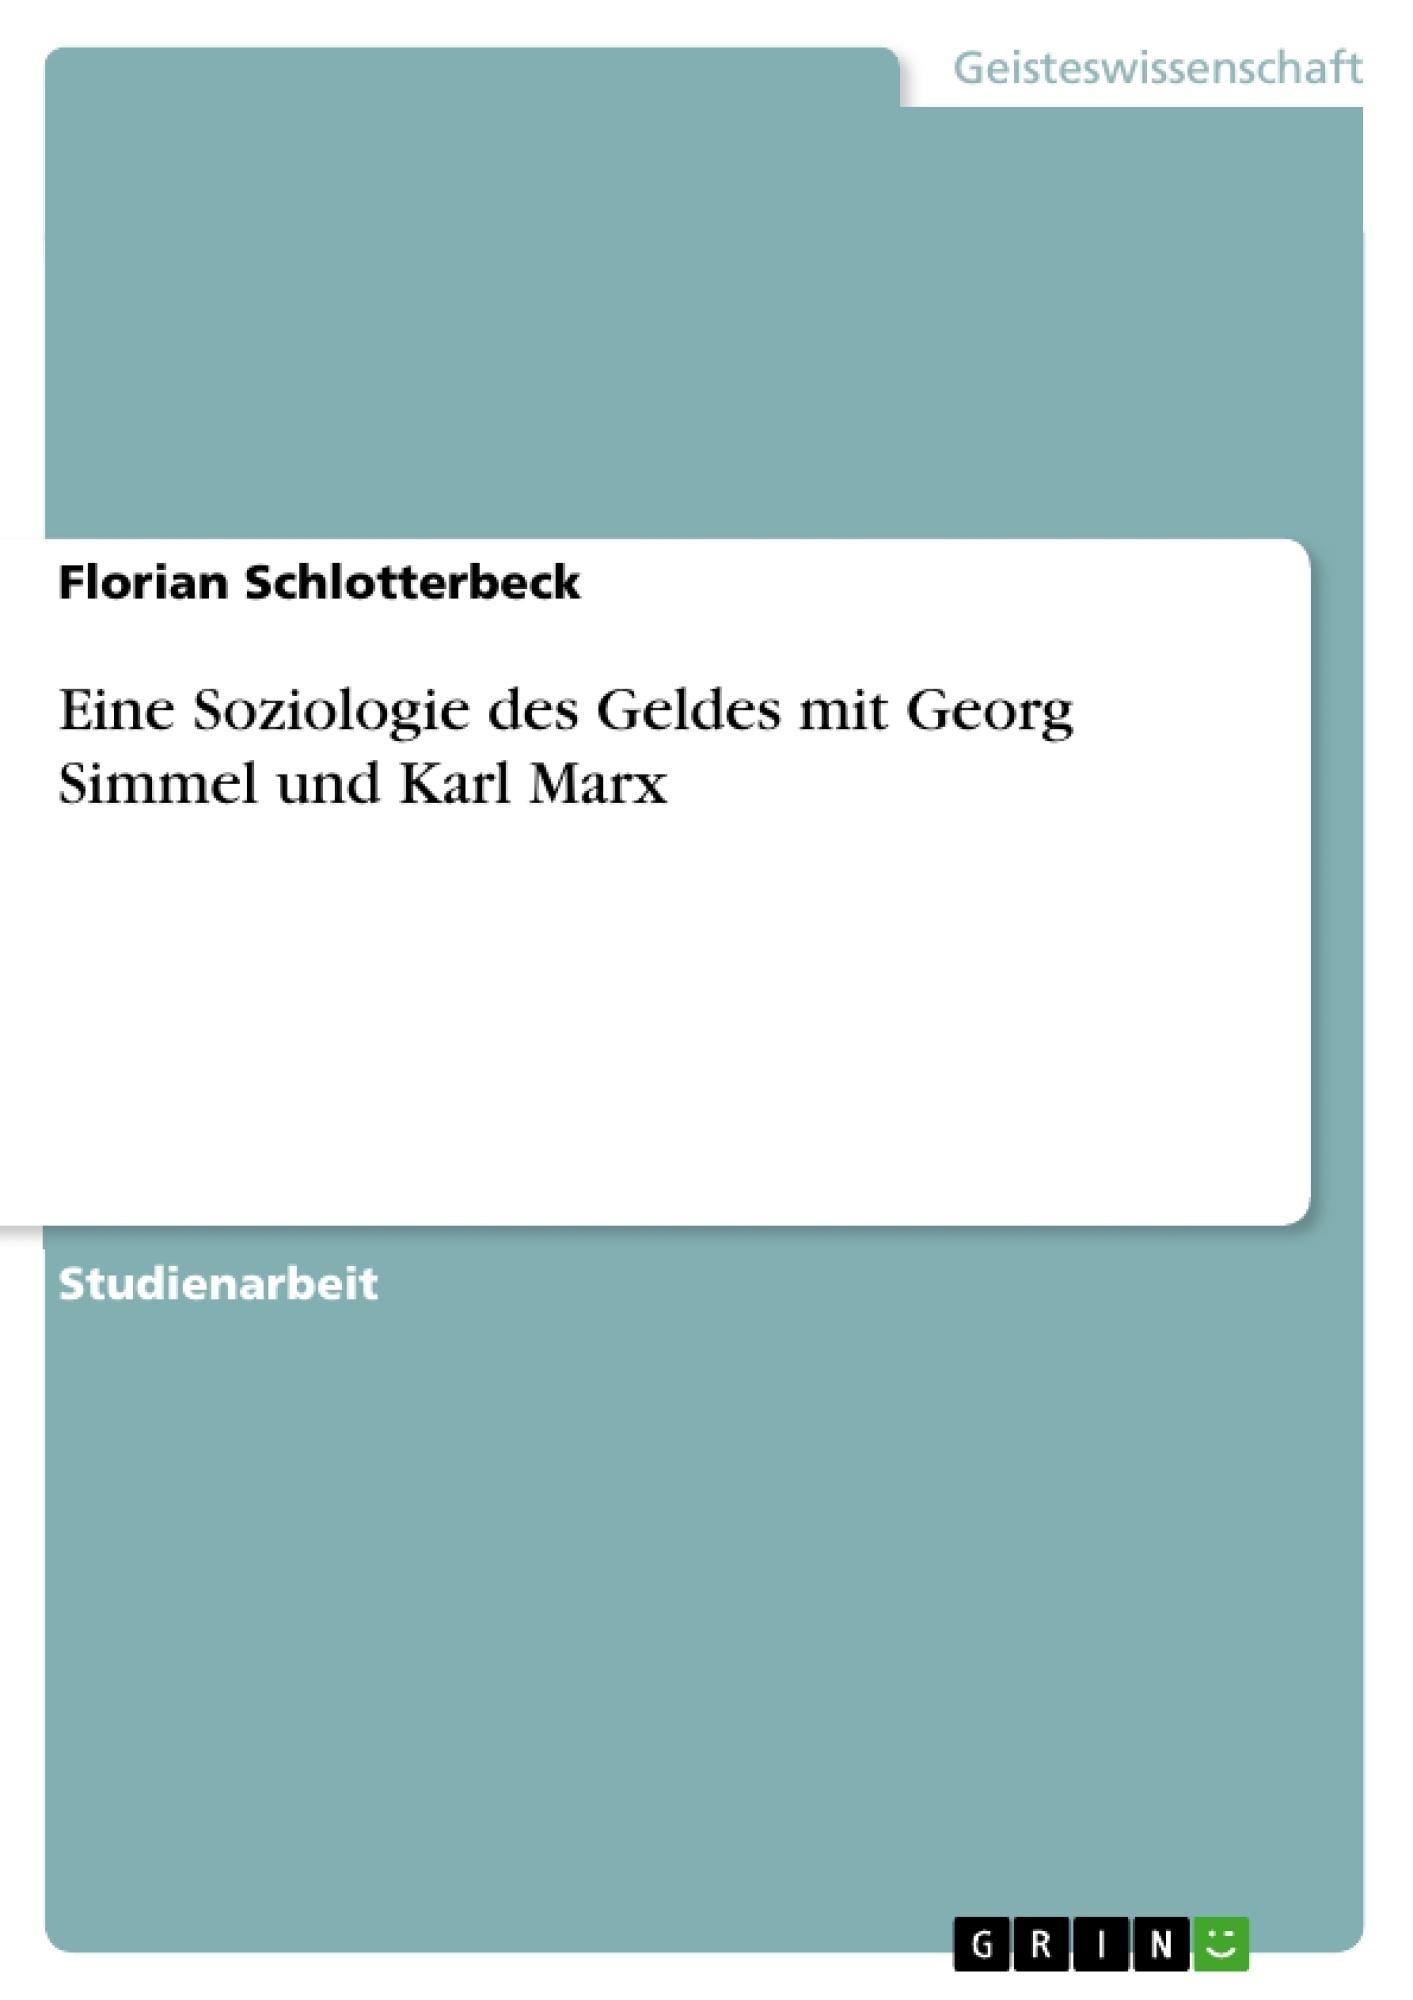 Titel: Eine Soziologie des Geldes mit Georg Simmel und Karl Marx